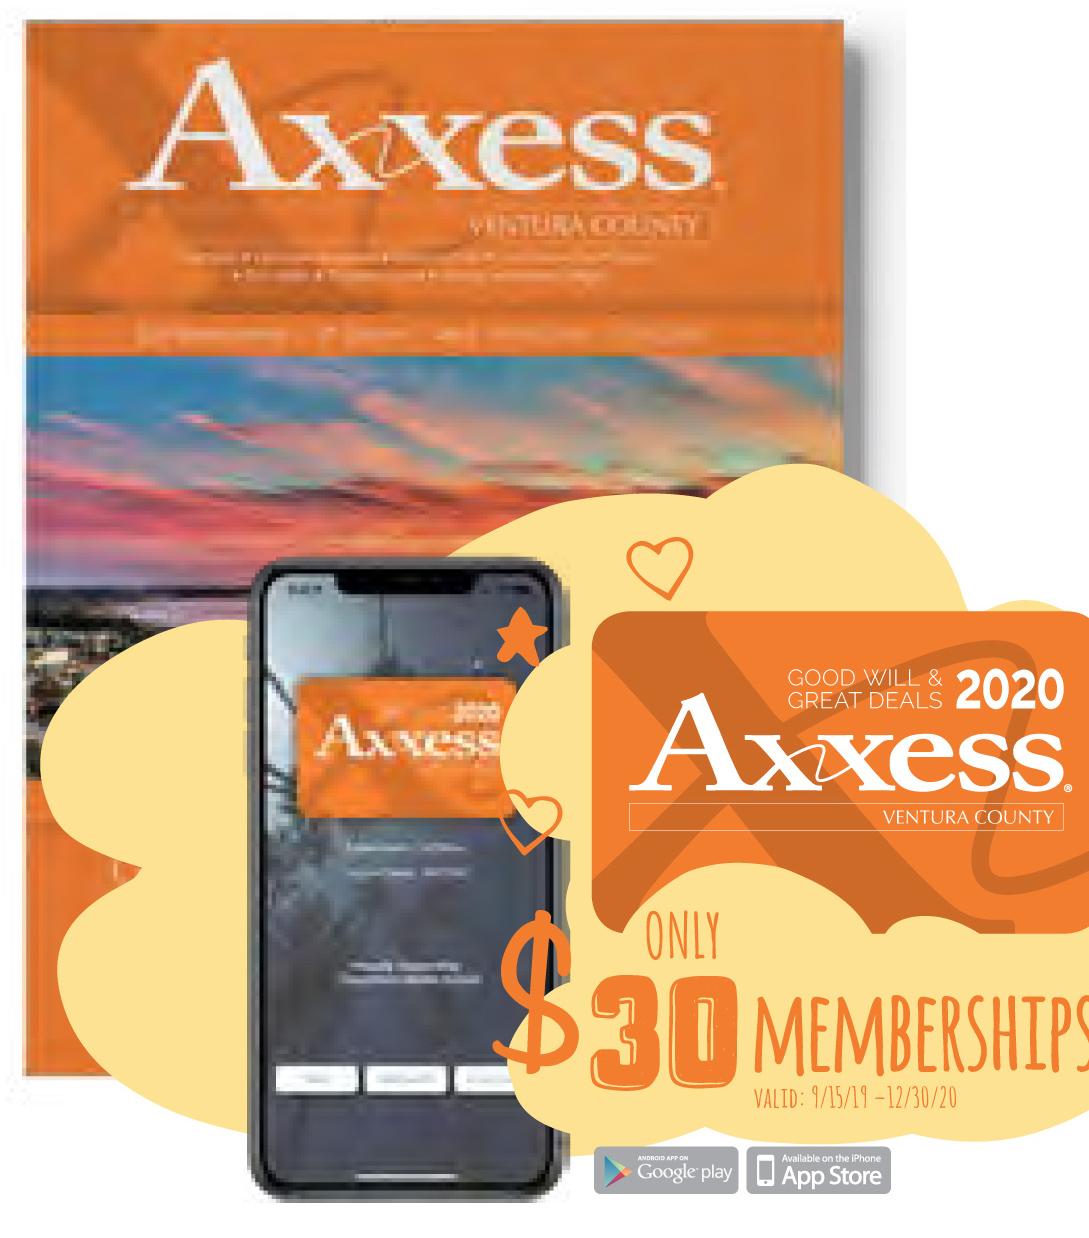 axxess2